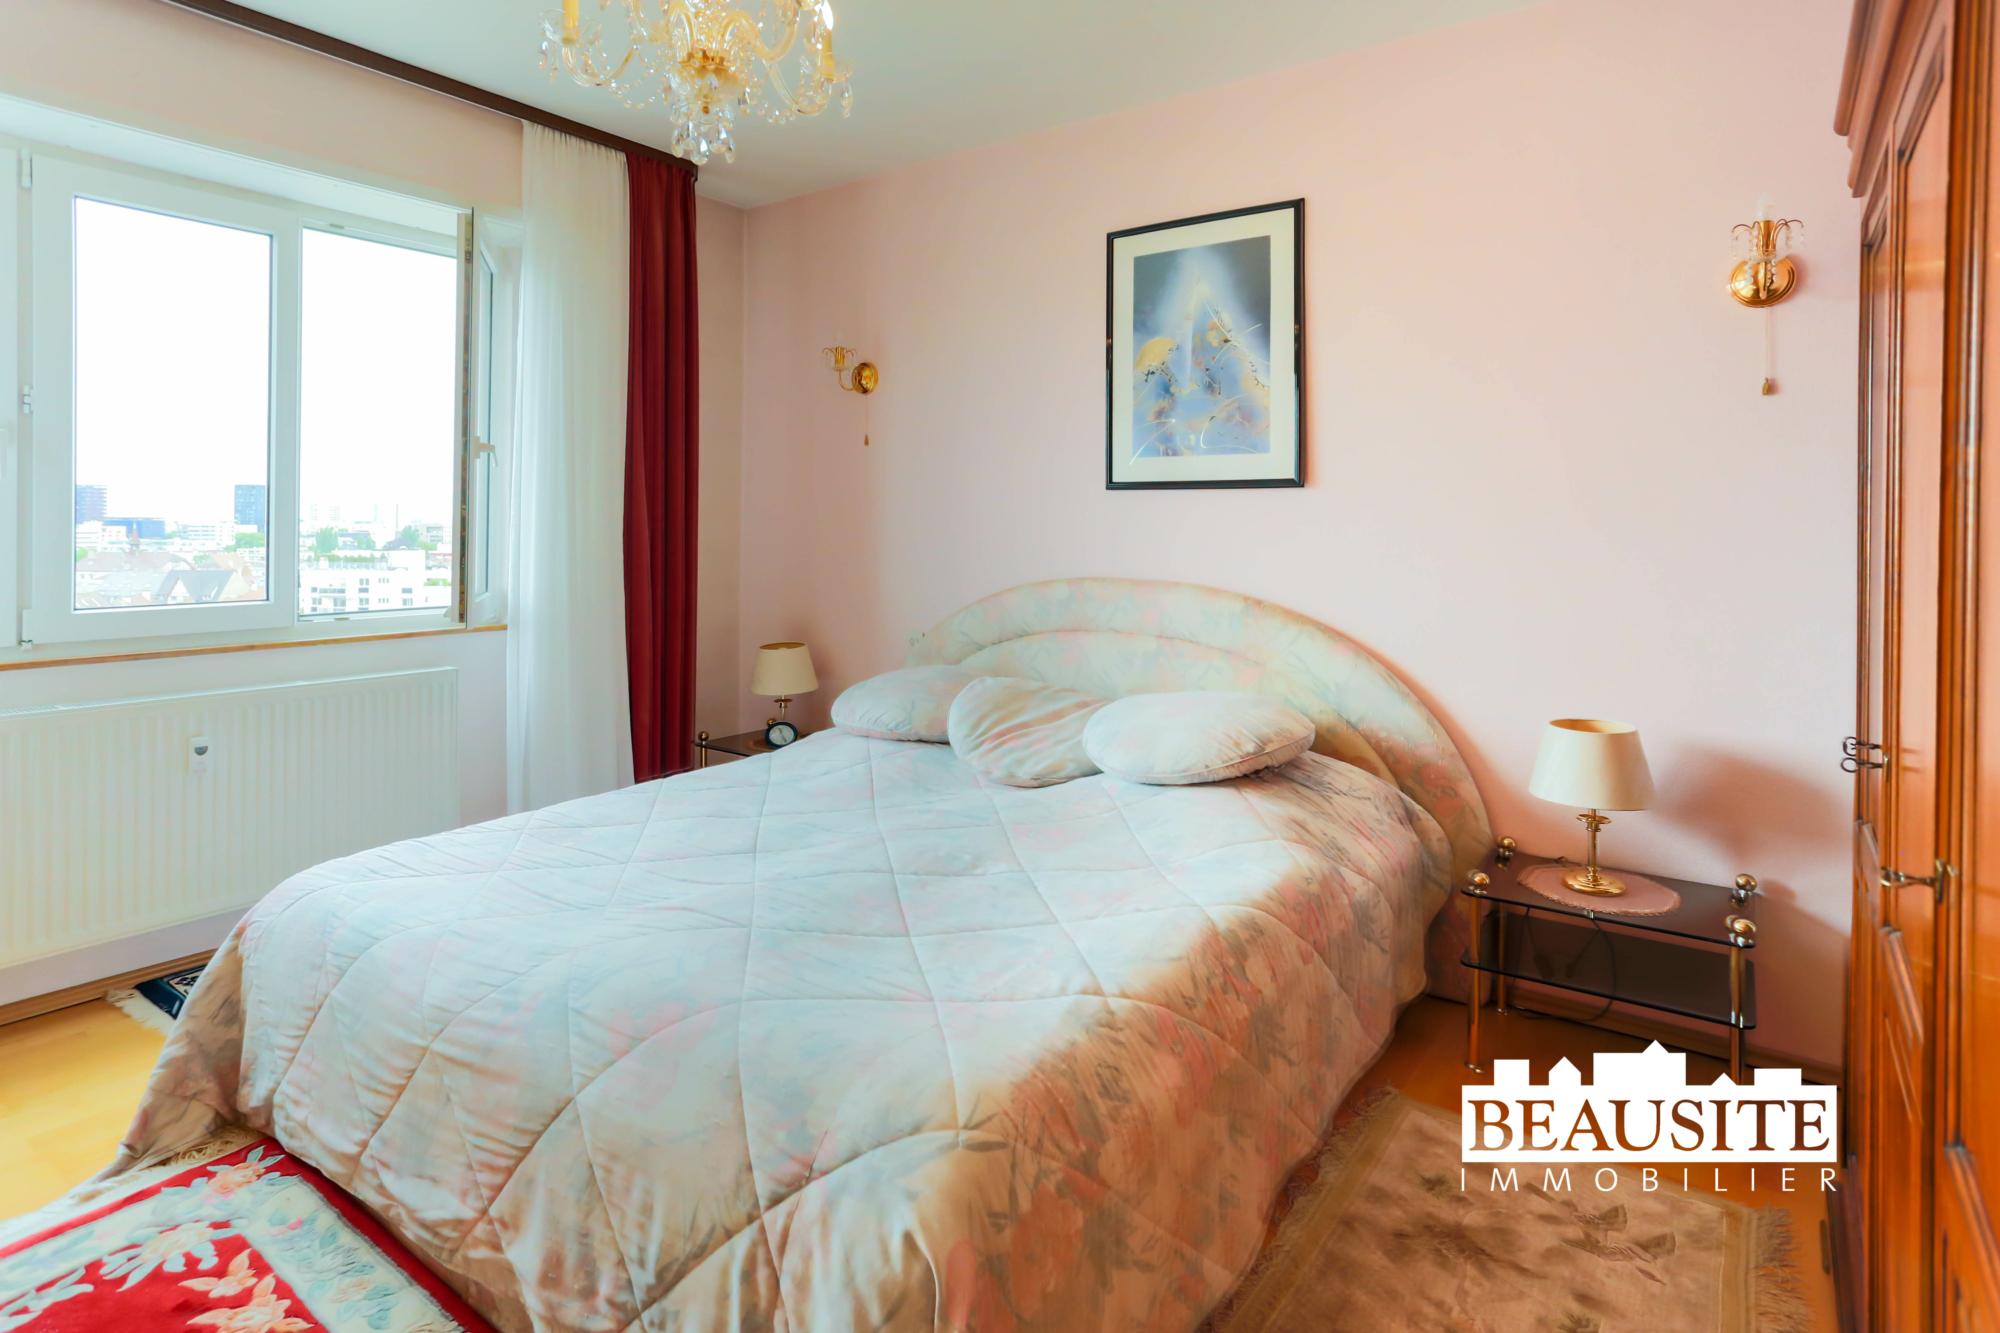 [Zénith] Spacieux 2 pièces au dernier étage - Neudorf / près de l'Avenue Jean Jaurès - nos ventes - Beausite Immobilier 6